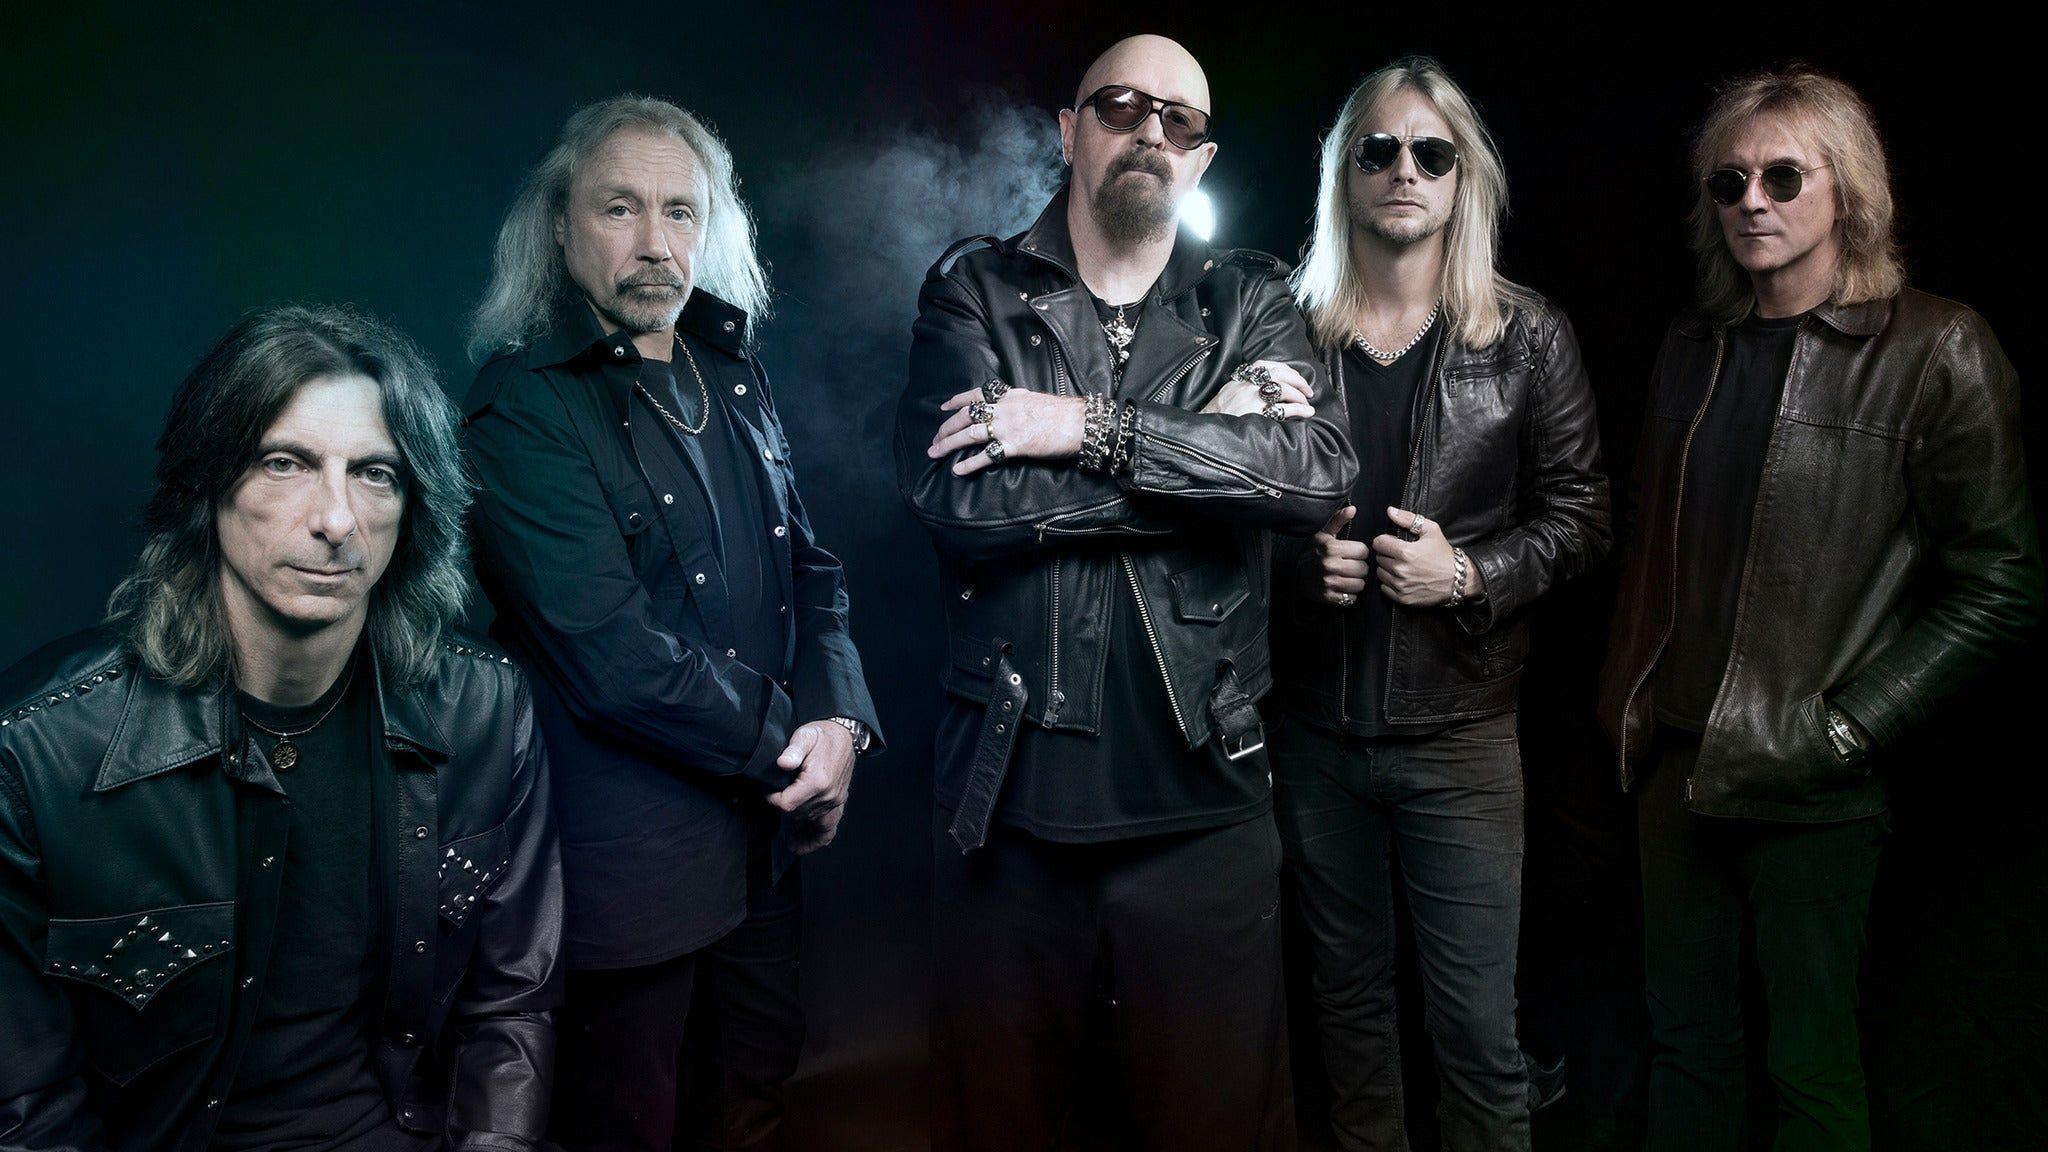 Judas Priest - 50 Heavy Metal Years